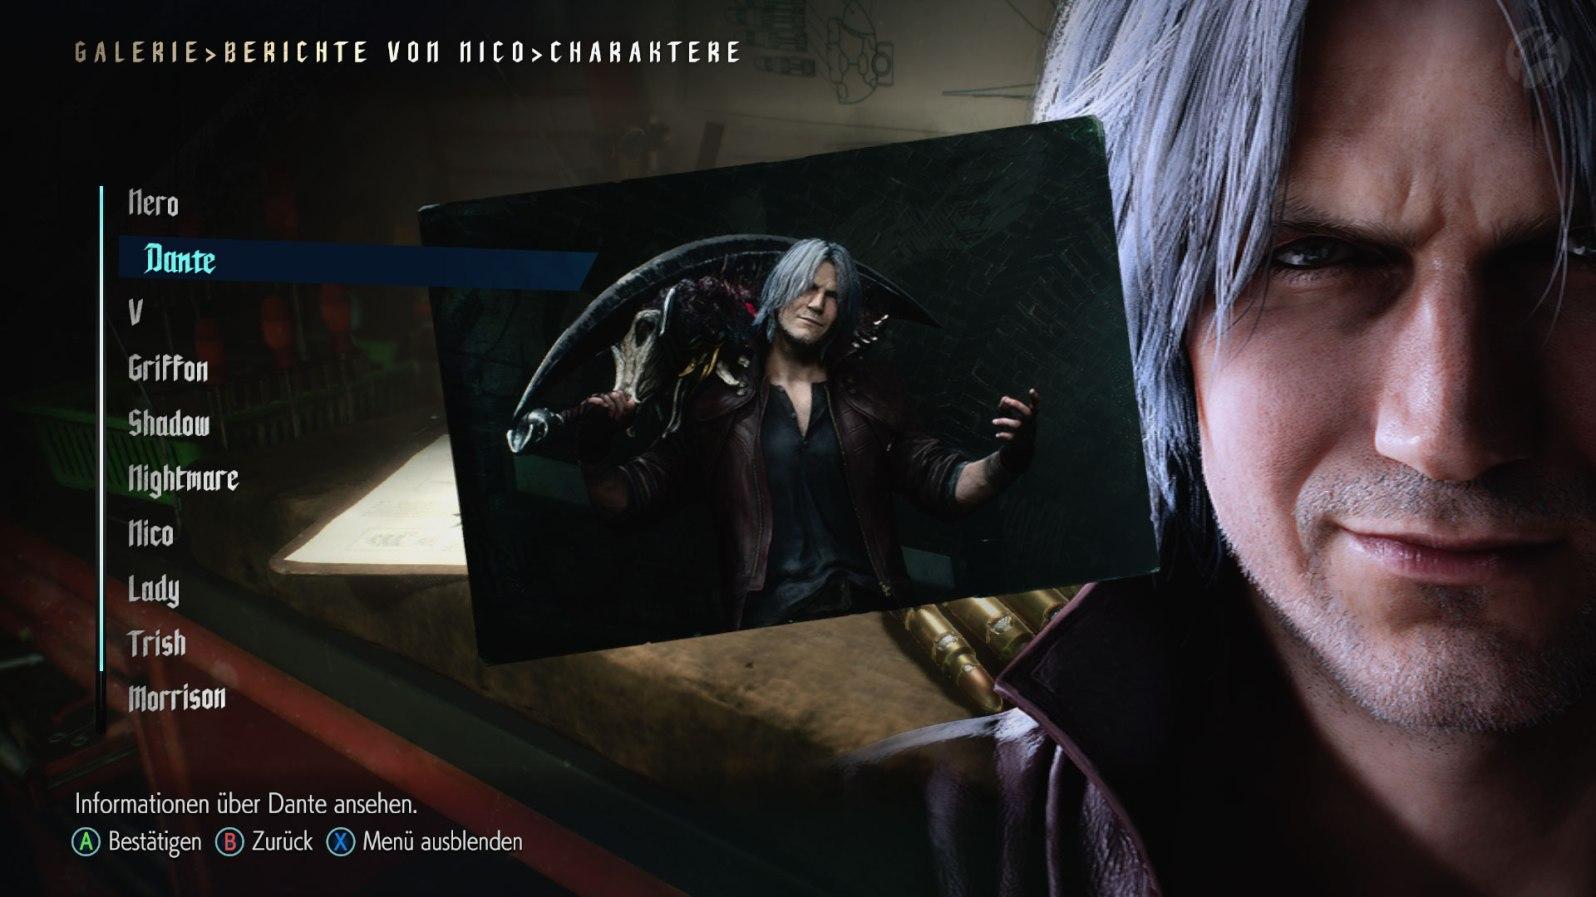 Devil May Cry 5: Berichte von Nico - Informationen zu Dante